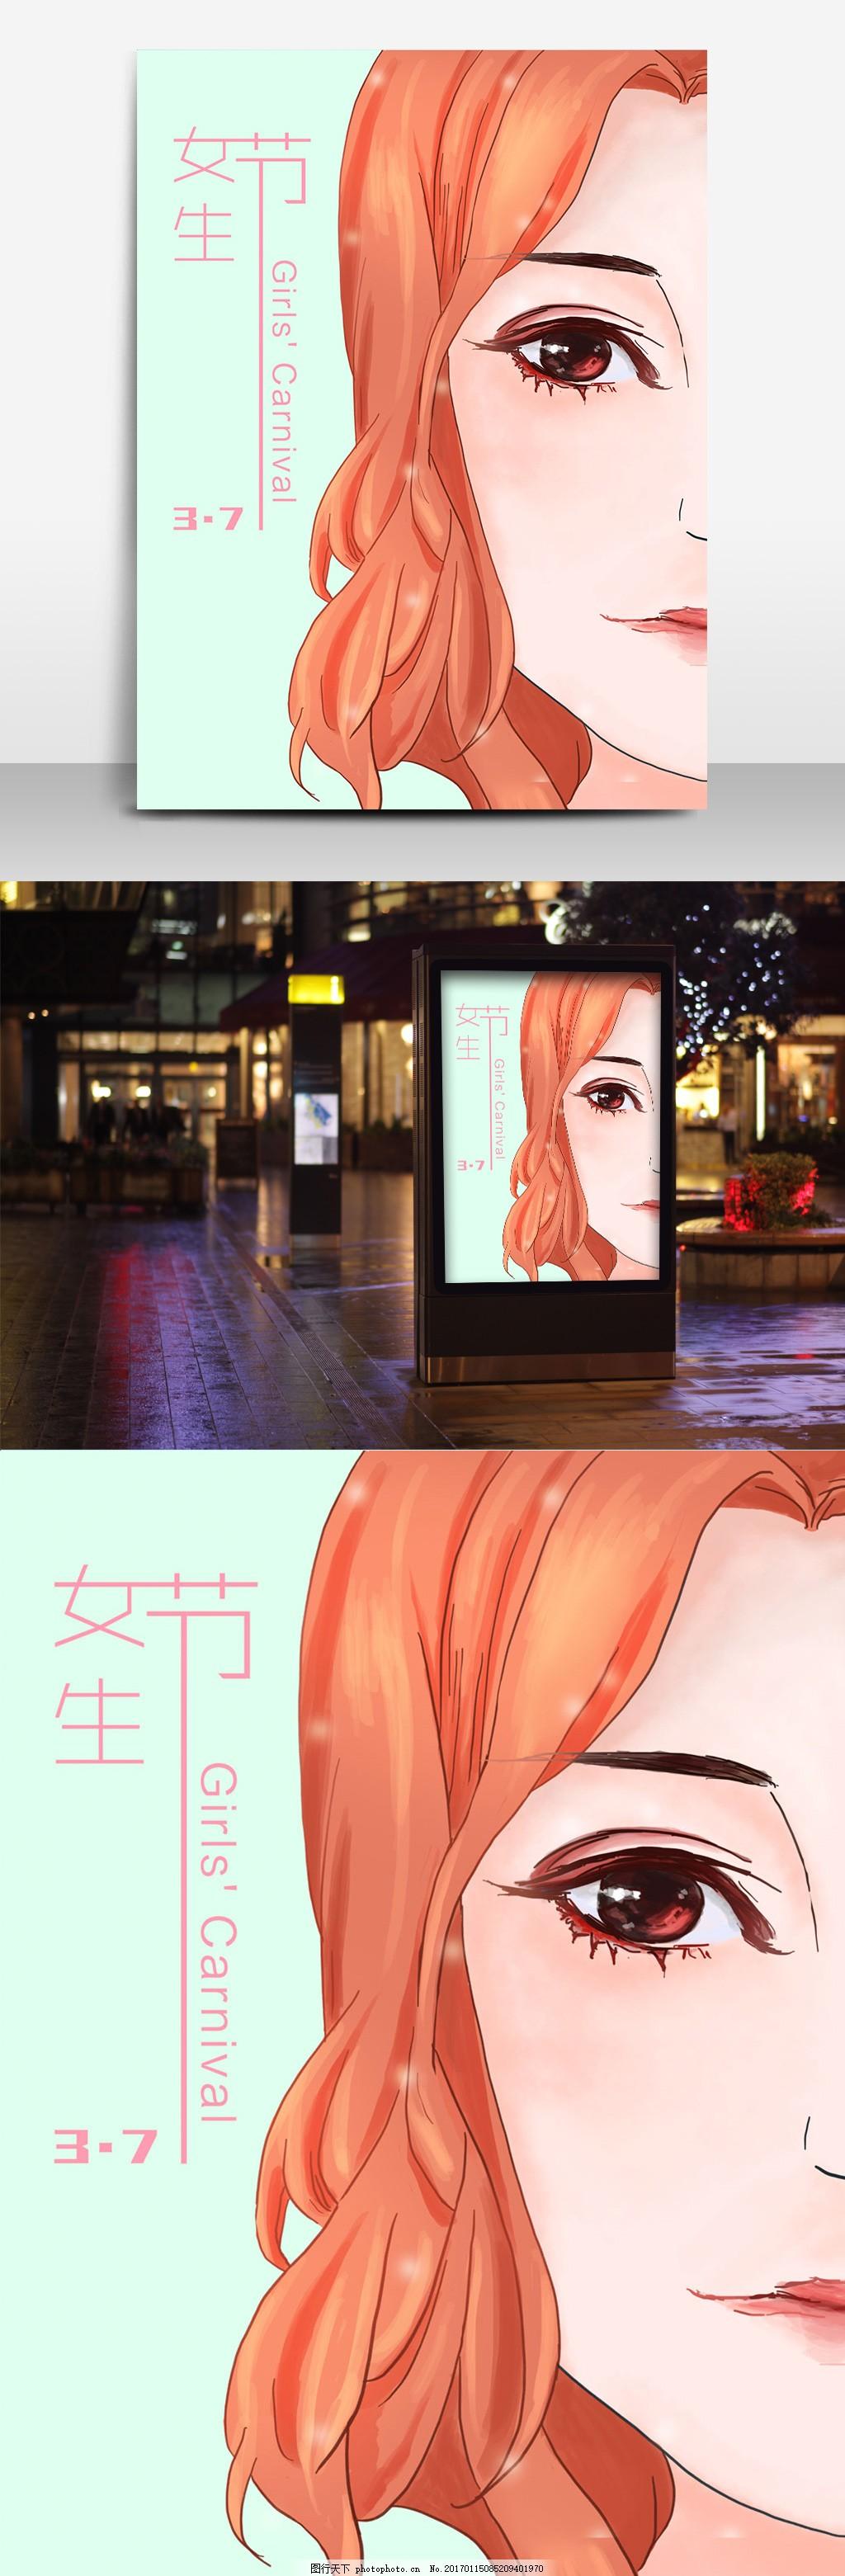 女生节女生头像手绘海报 妇女节 清新 脸 眼睛 素描 水彩 少女